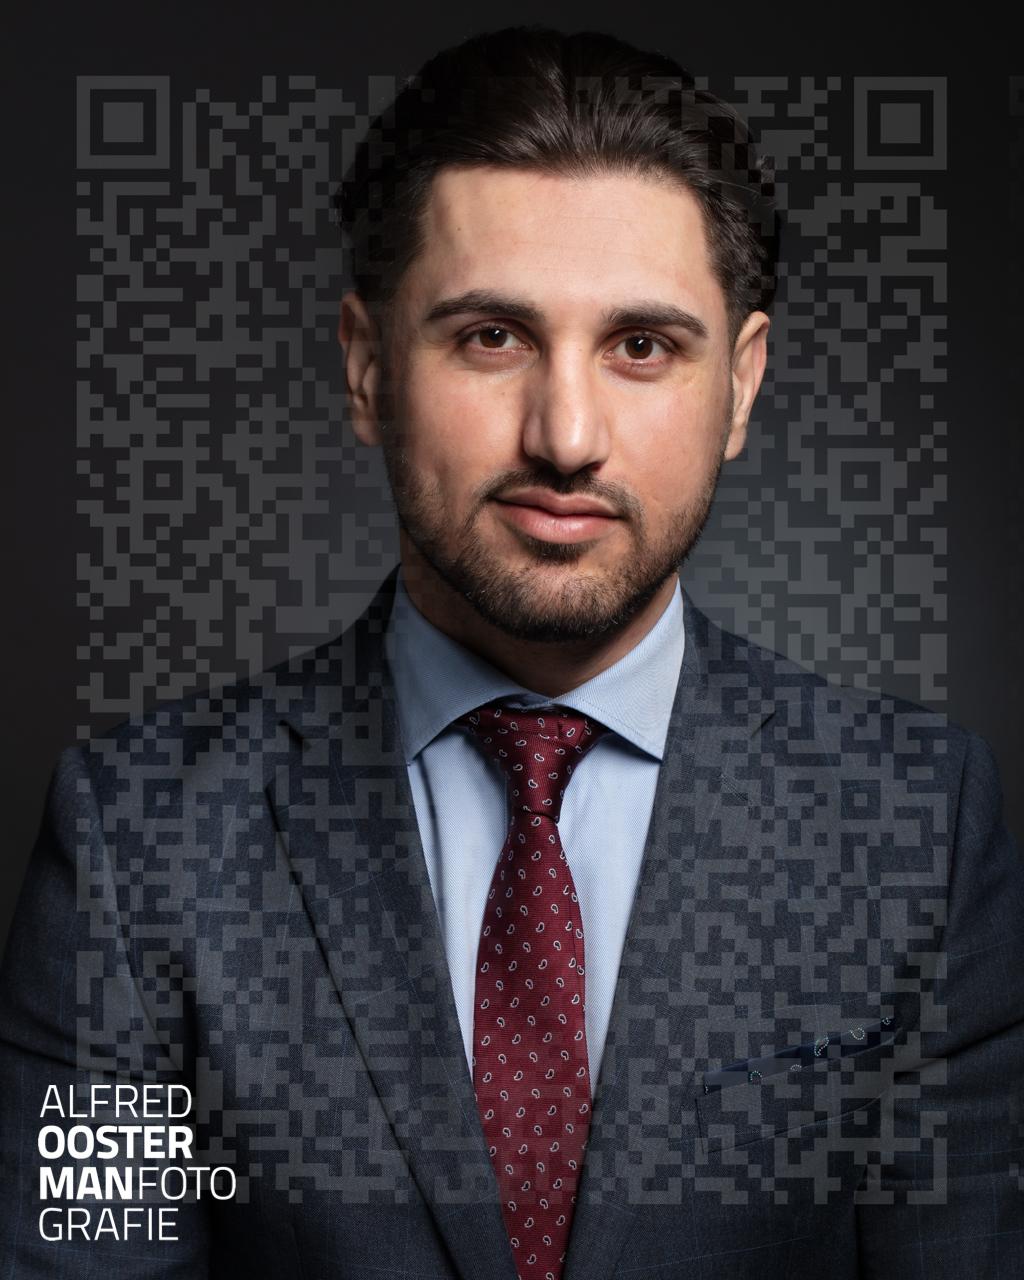 Een foto uit de serie 'Identiteit' voor de Sponsoraward 2021 van de MPN (Master Photographers Network).